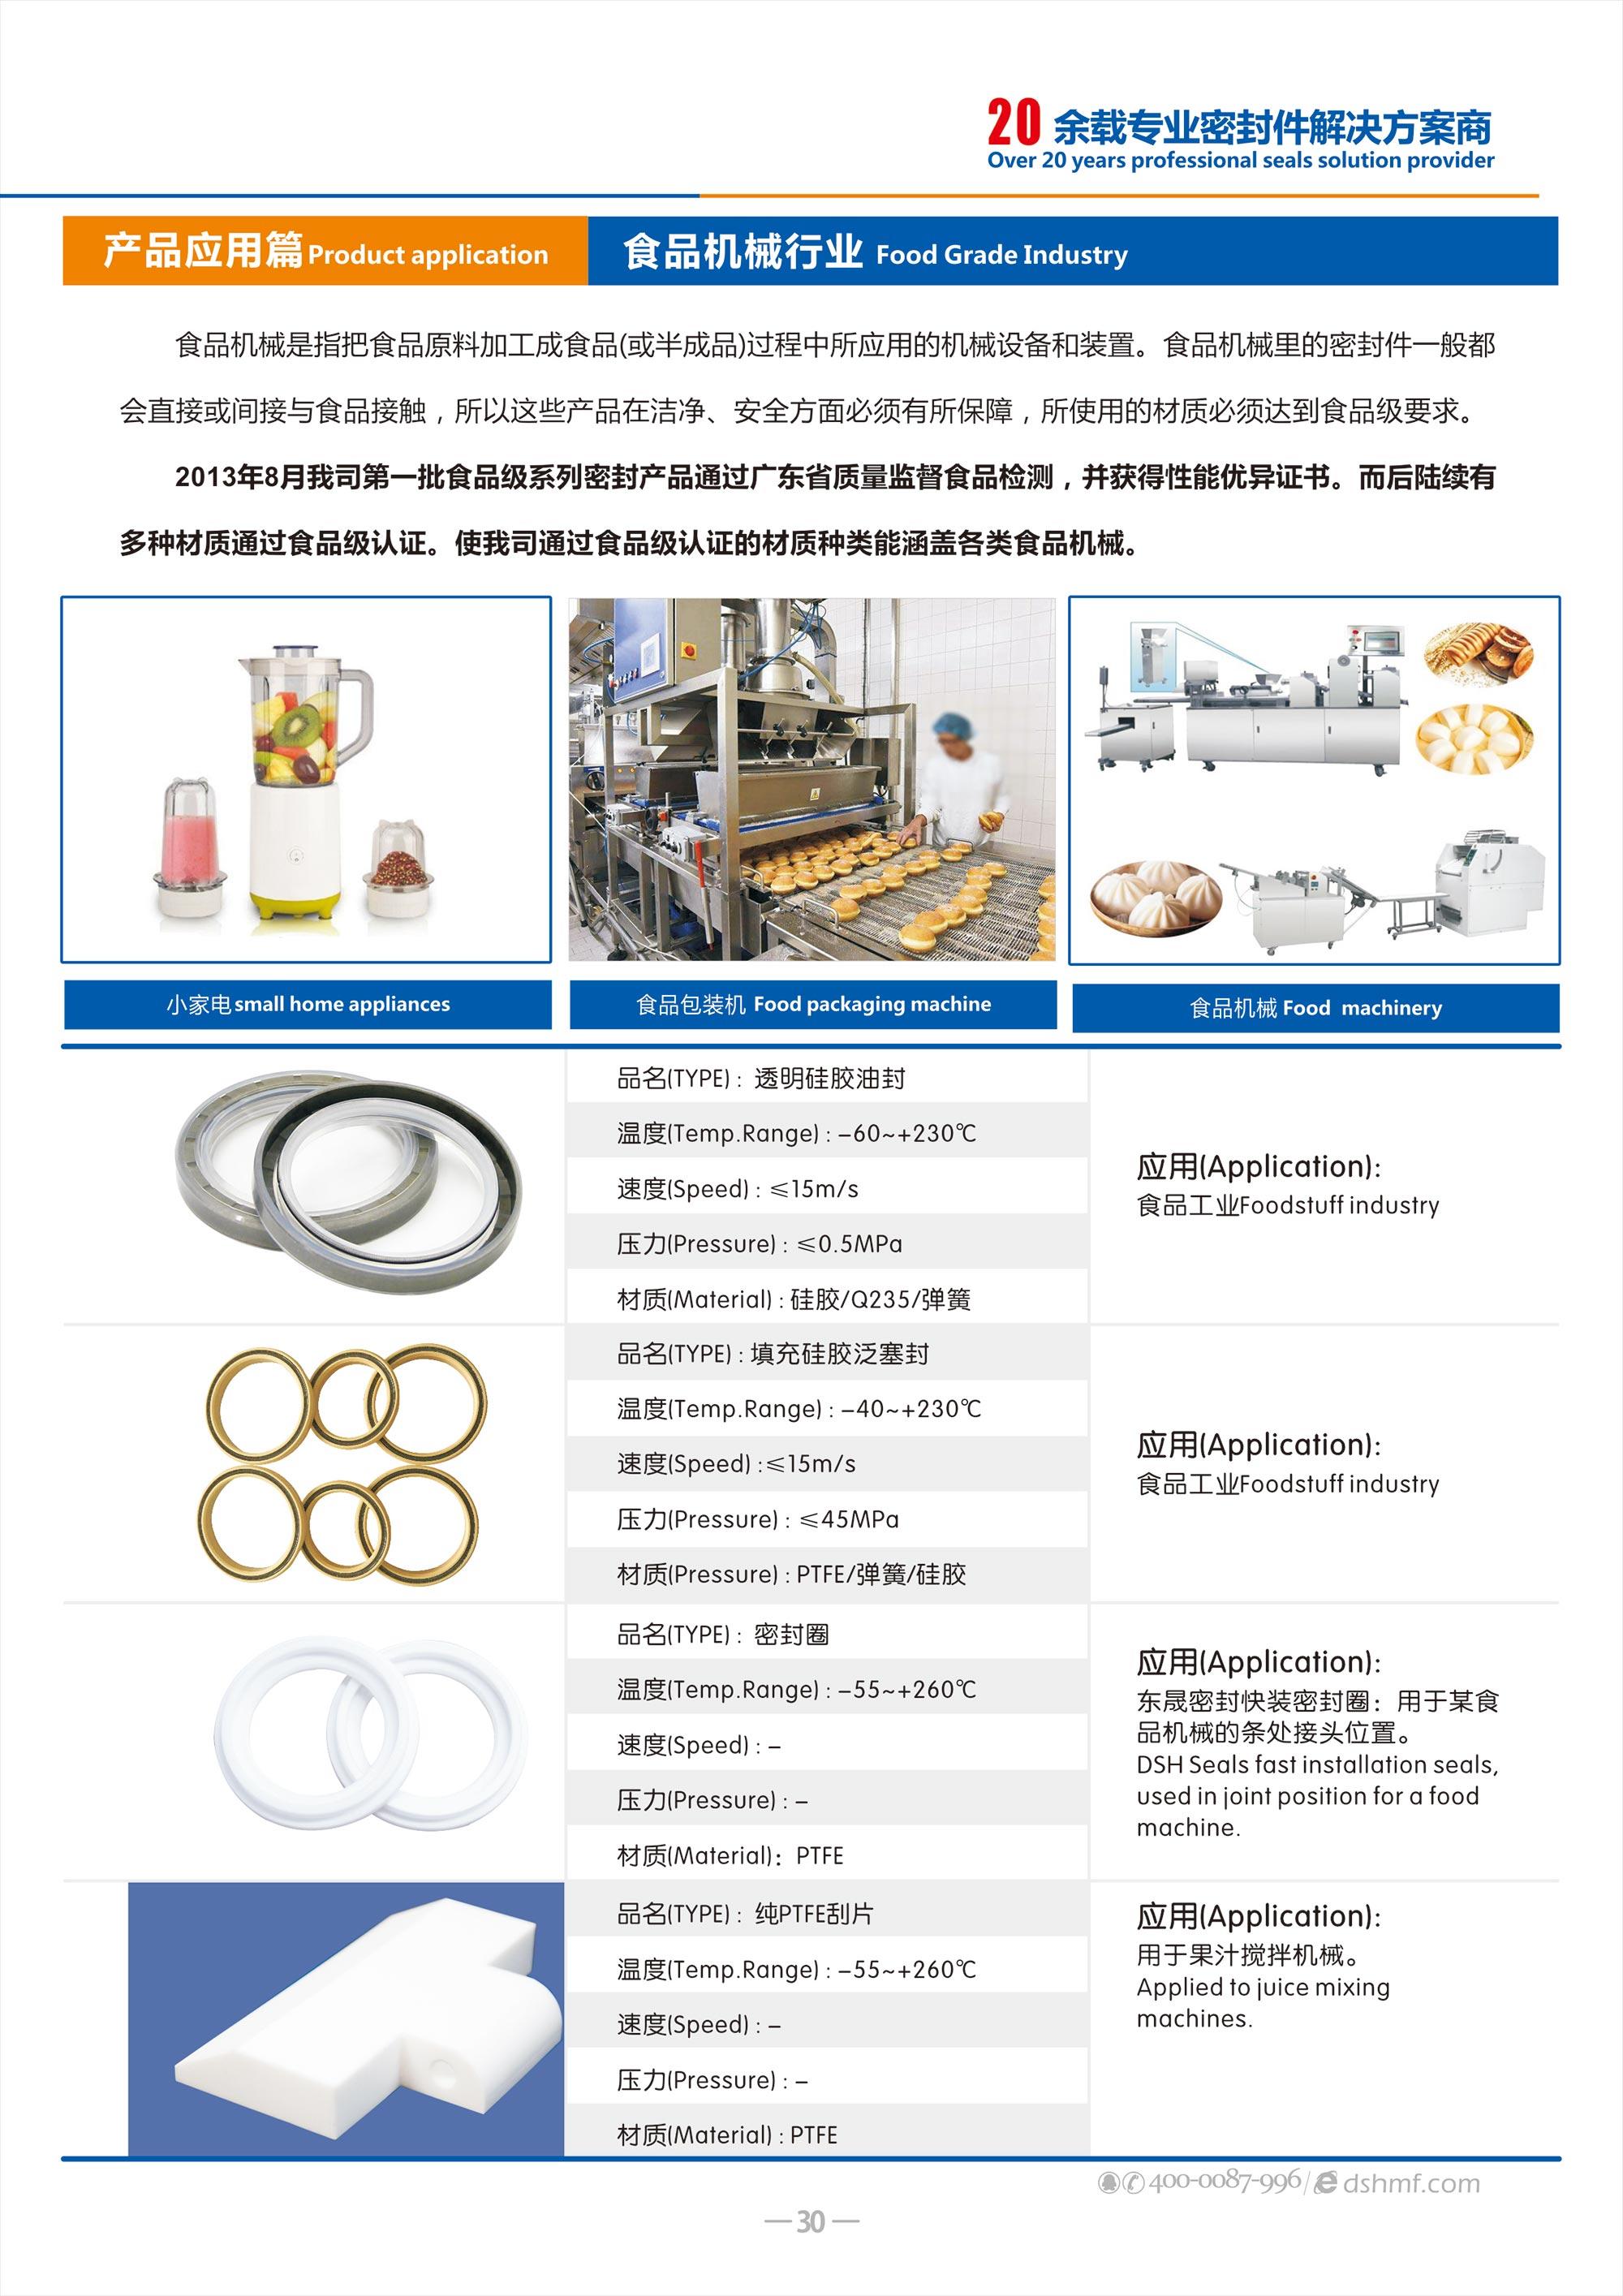 食品级机械行业密封件厂(密封圈) - 食品级机械用密封件是用在生产可食产品机械设备中的一类密封圈。